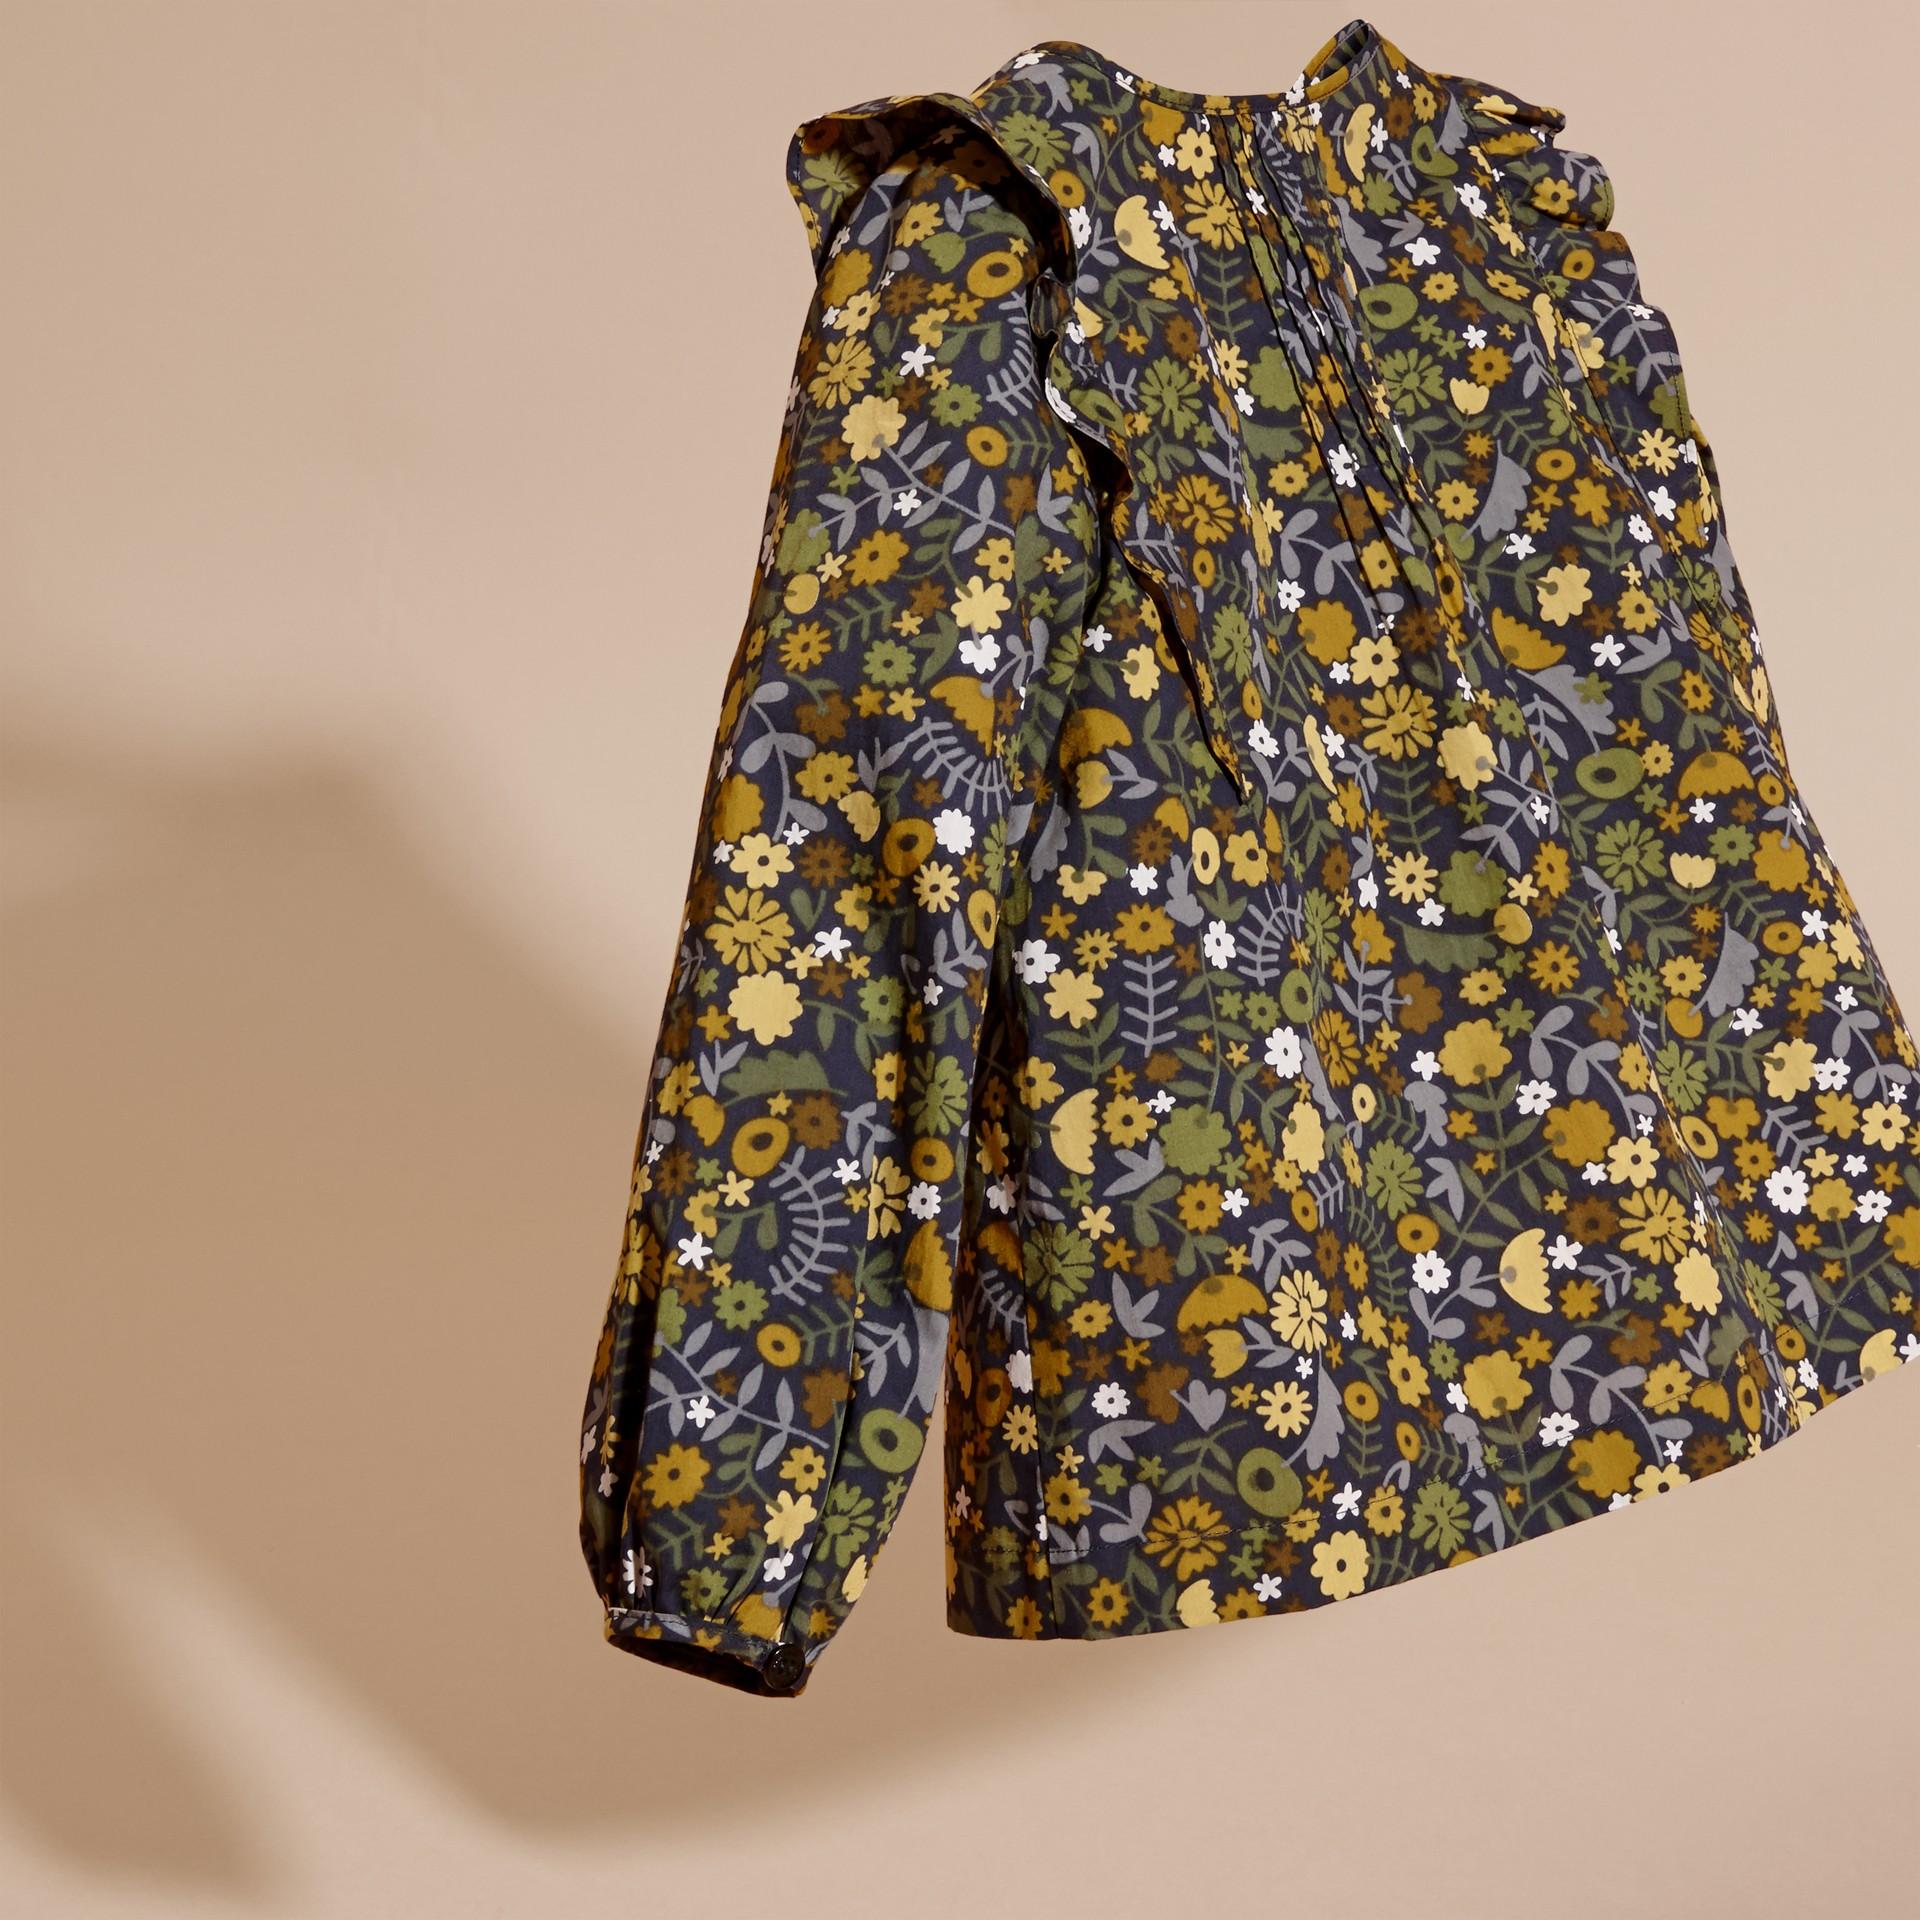 Rauchiges citrinfarben Bluse aus Baumwolle mit floralem Druck und Rüschendetail Rauchiges Citrinfarben - Galerie-Bild 4